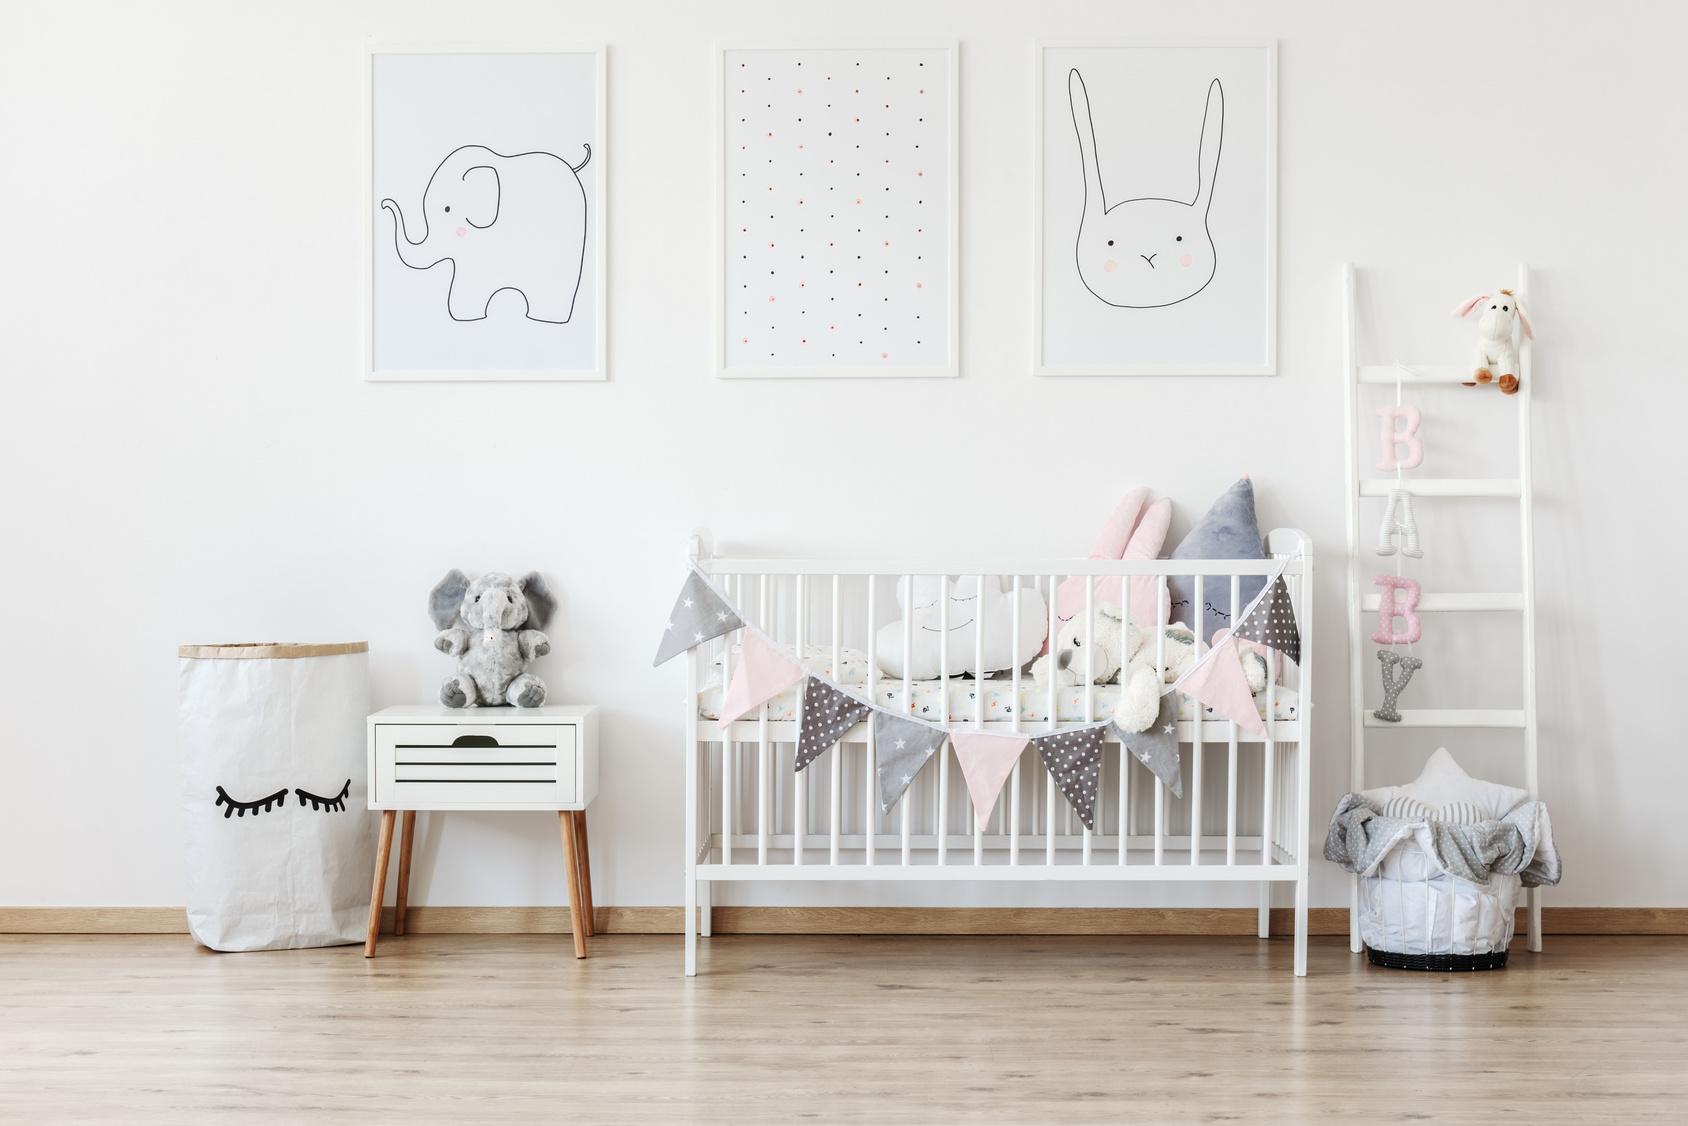 Full Size of Kinderzimmer Einrichtung Babyzimmer Gestalten Tipps Ideen Mytoys Regal Sofa Regale Weiß Kinderzimmer Kinderzimmer Einrichtung